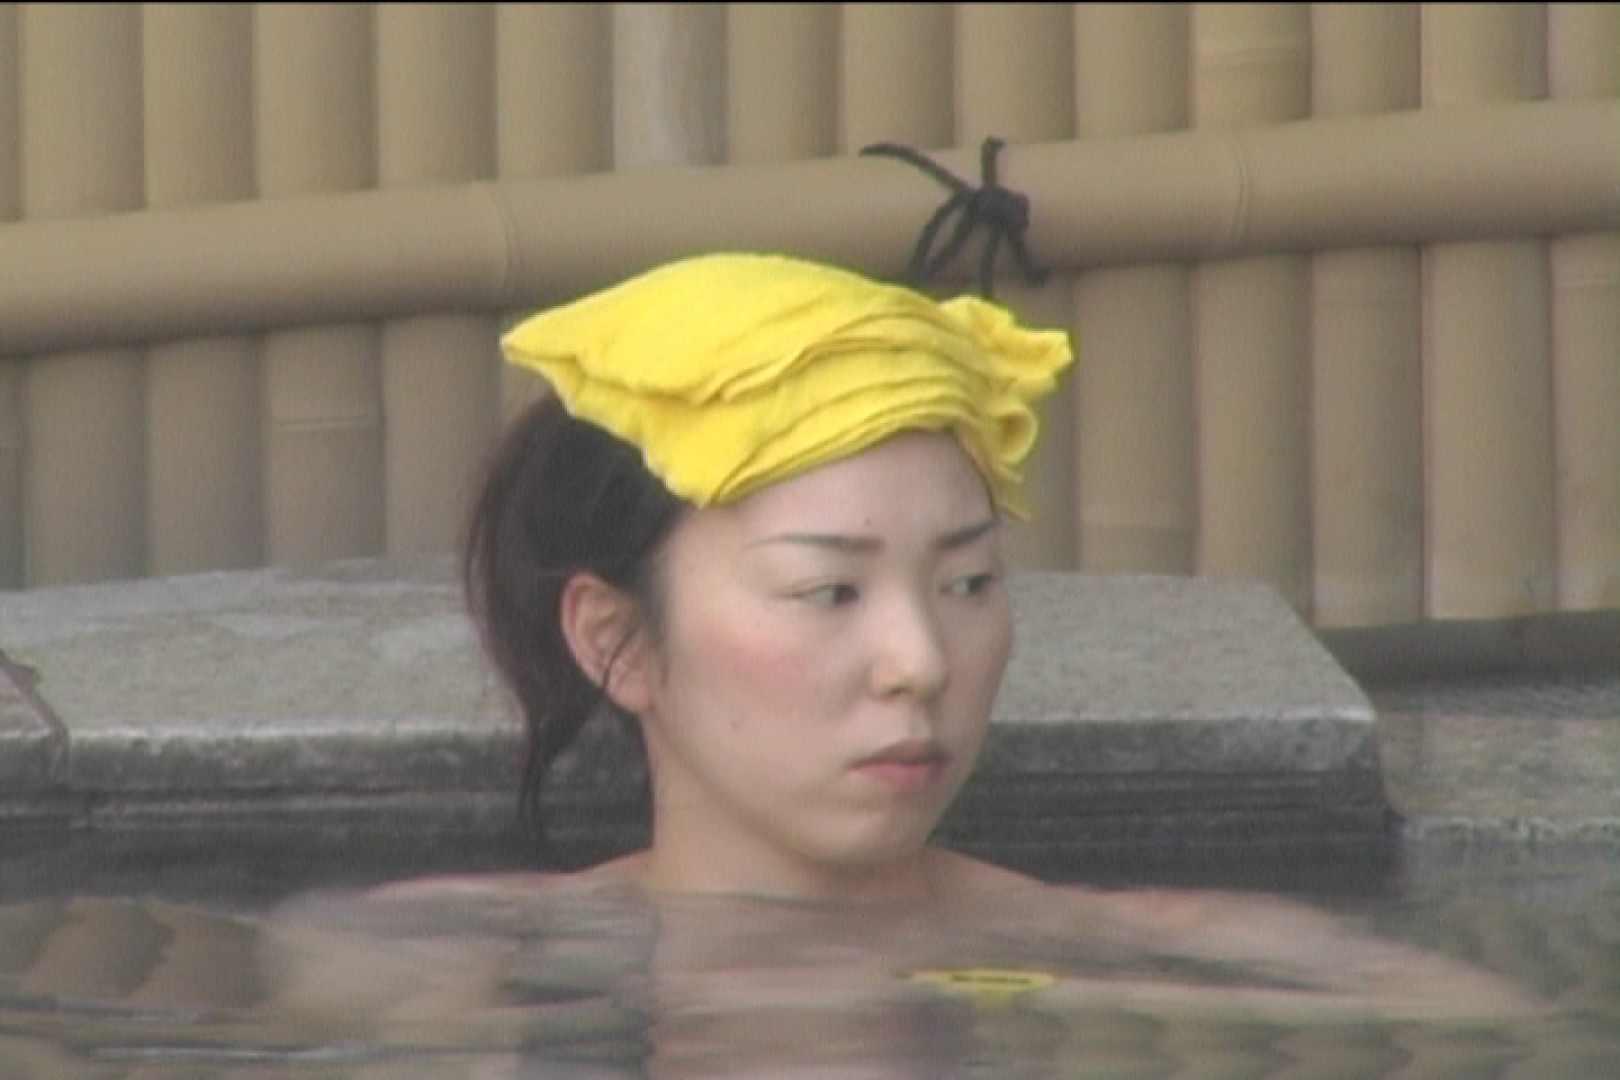 Aquaな露天風呂Vol.529 盗撮師作品 おめこ無修正画像 104pic 83